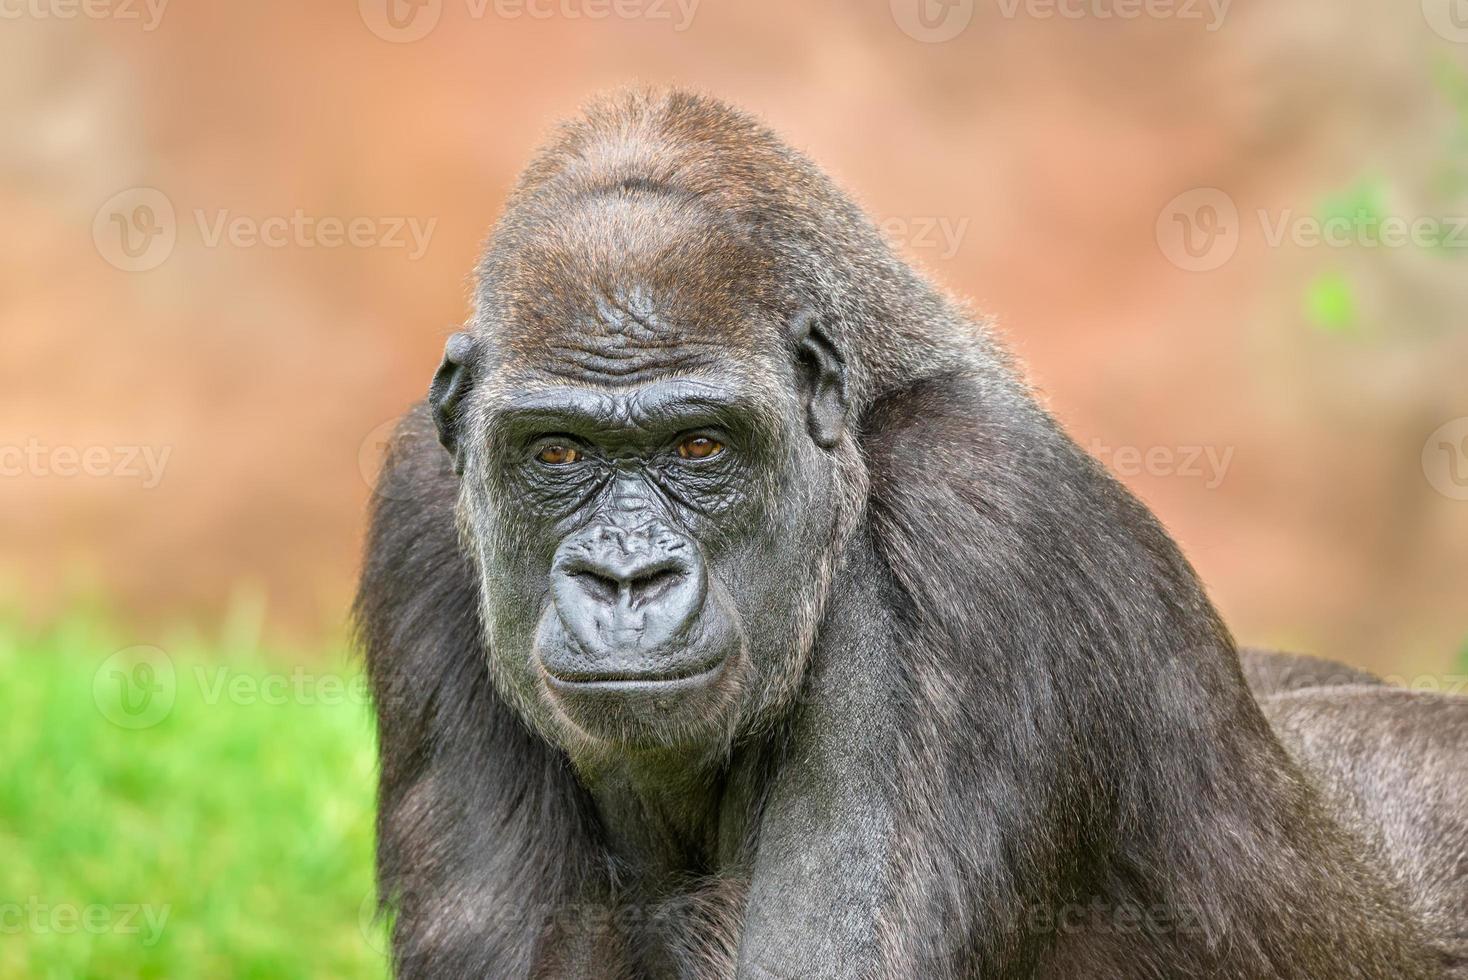 Western lowland gorilla photo